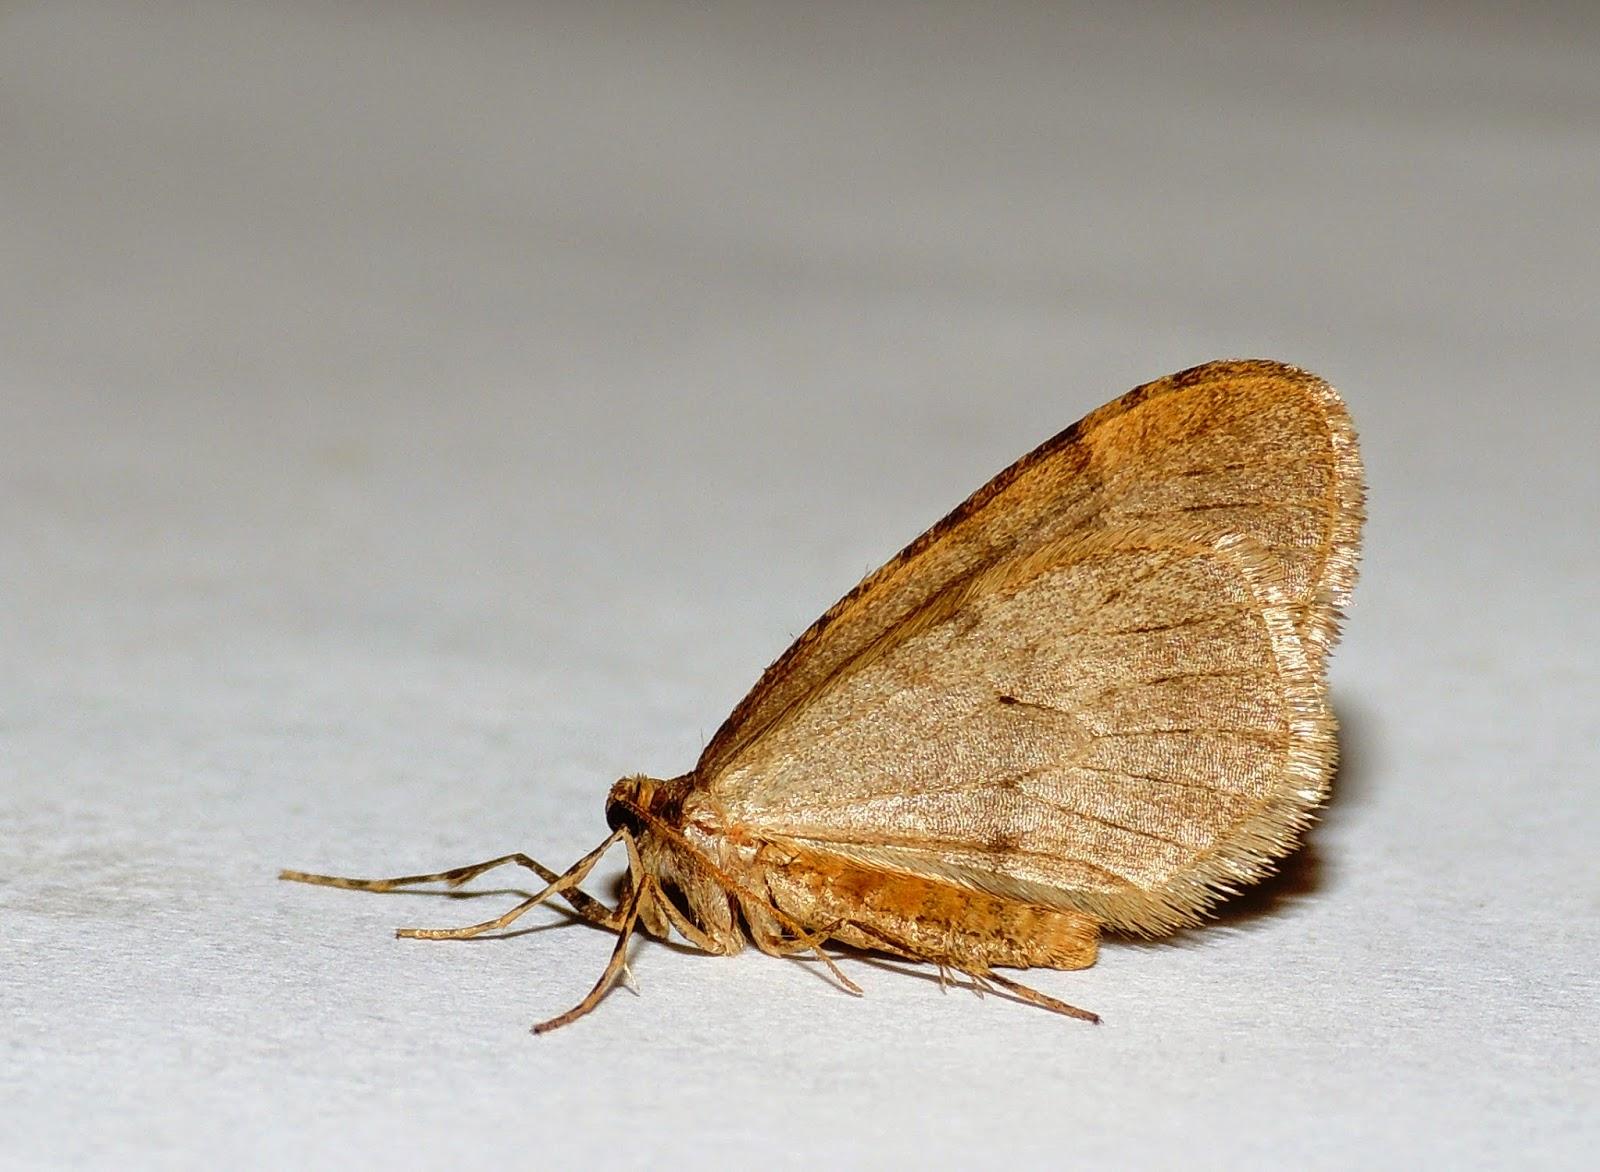 Operophtera brumata posada con las alas en vertical